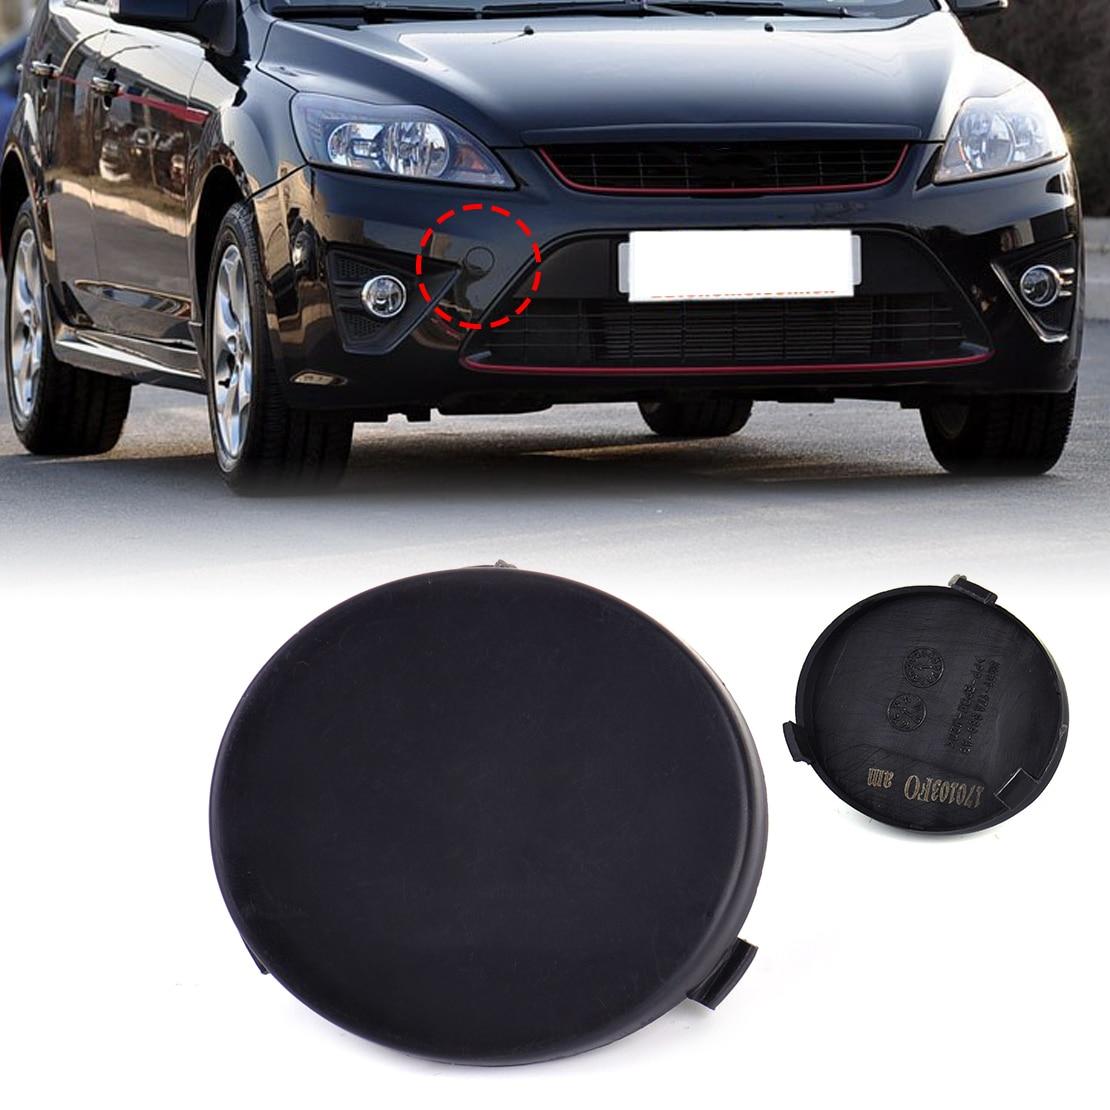 Dwcx Car Black Plastic Front Bumper Tow Hook Cover Cap